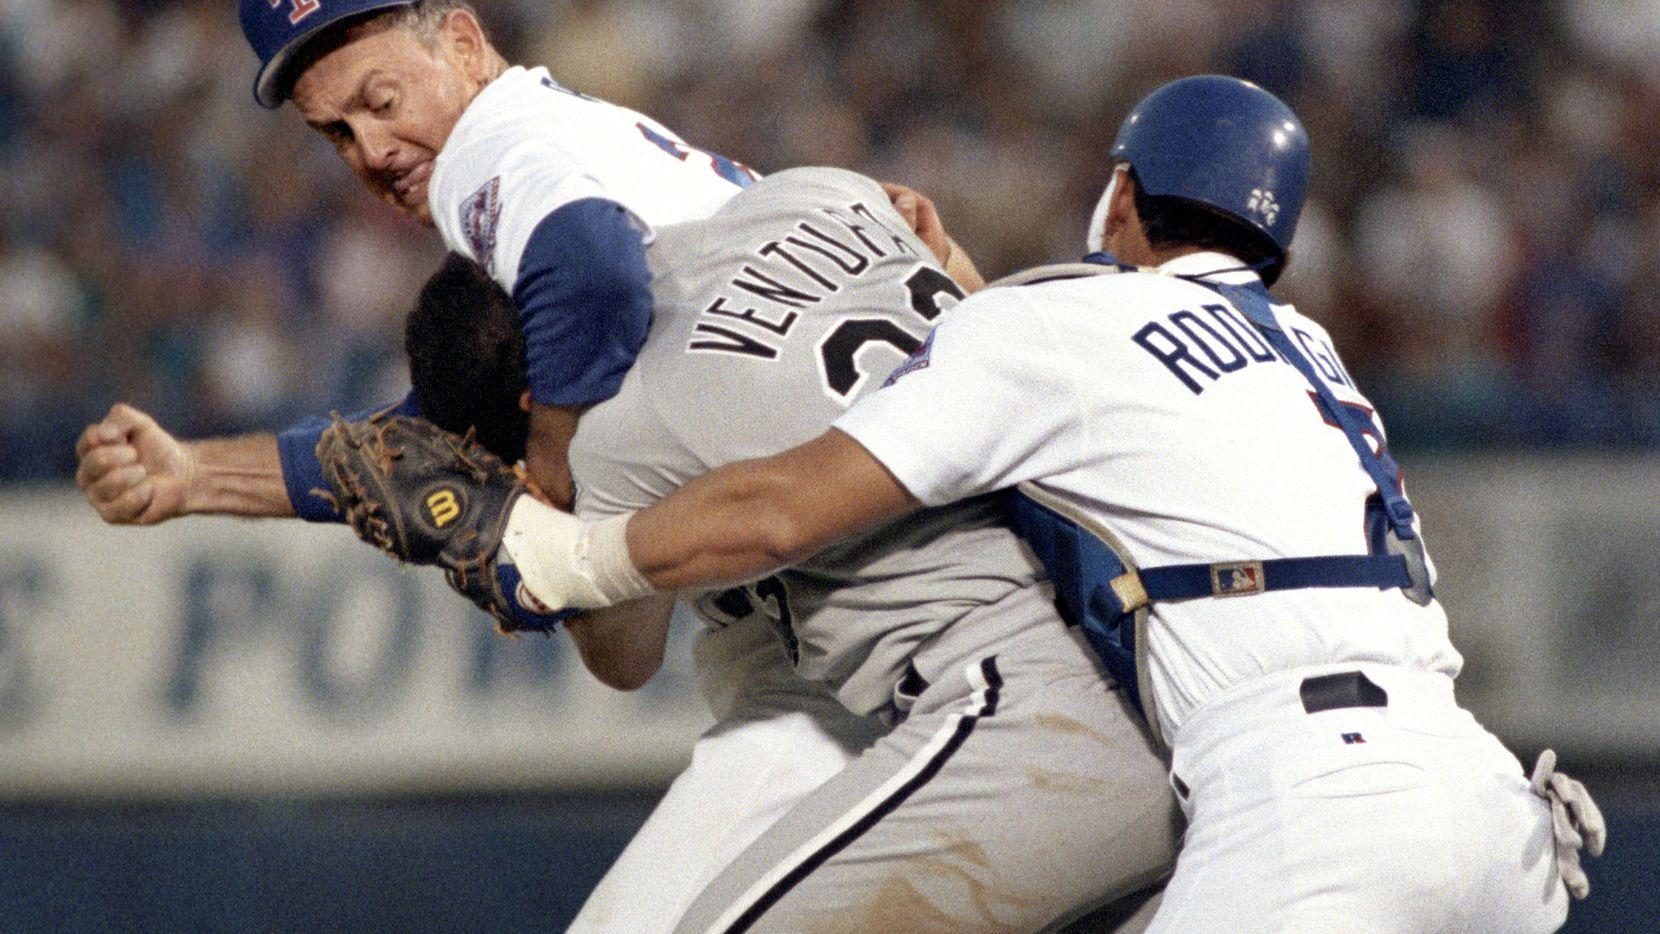 El pitcher de los Texas Rangers, Nolan Ryan, toma por el cuello al jugador de los Medias Blancas de Chicago, Robin Ventura, durante la bronca que protagonizaron el 4 de agosto de 1993.